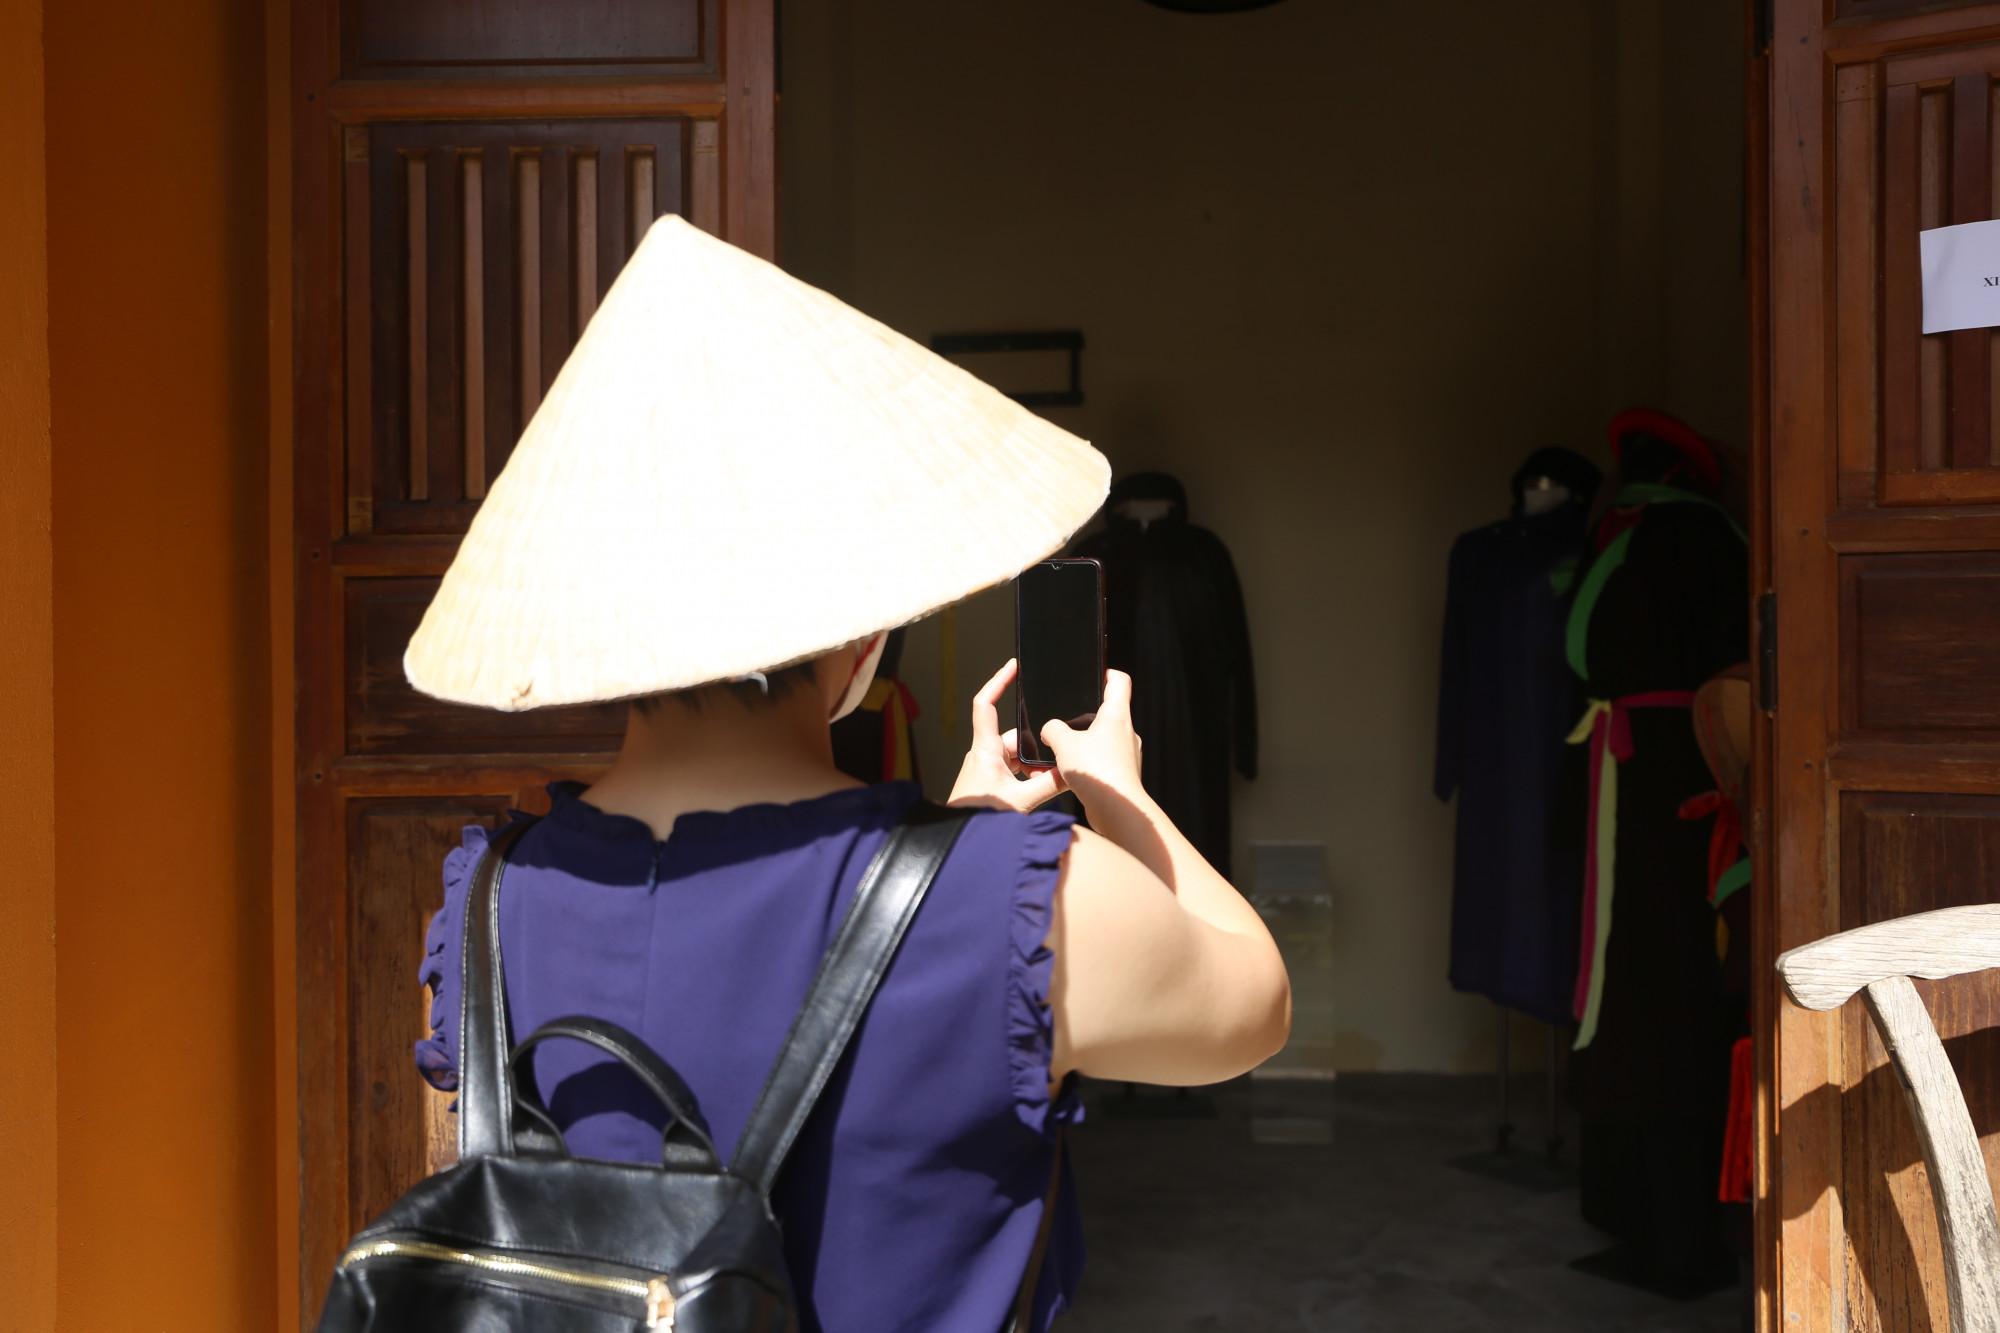 Một thành viên trong đoàn tranh thủ ghi lại hình ảnh áo dài gắn với những loại hình di sản văn hoá phi vật thể của Việt Nam. Hơn 4 tháng qua, những hiện vật đều được cất giữ cẩn thận. Những ngày qua, nhân viên bảo tàng dọn dẹp, trưng bày lại để đón đoàn khách đặc biệt.